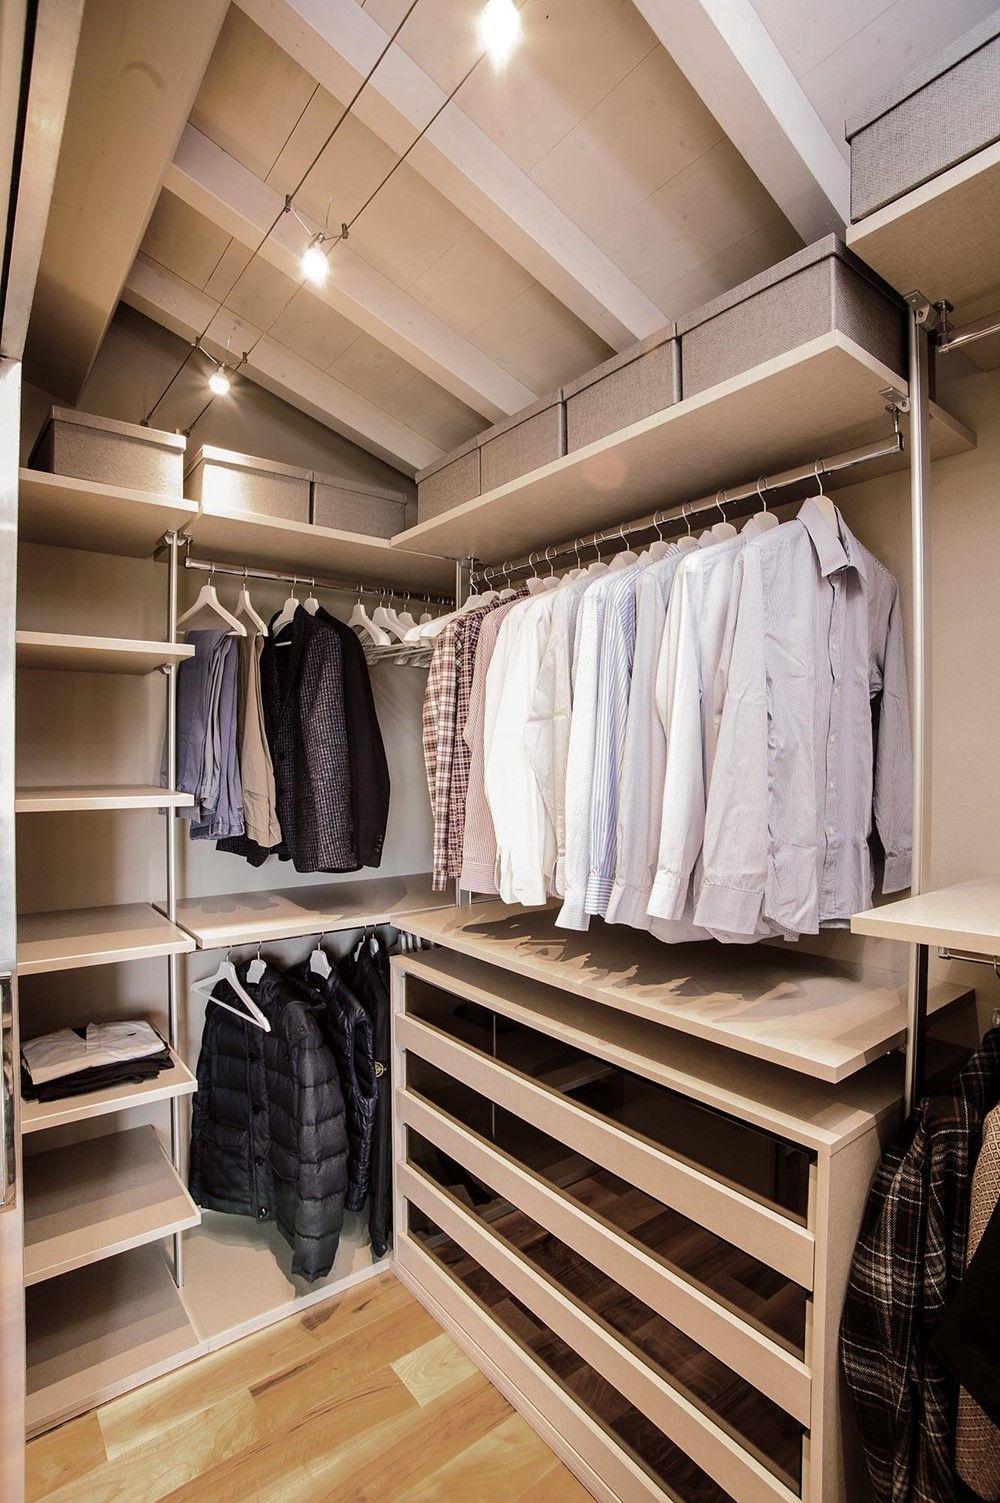 Moderne Italiaanse slaapkamer met inloopkast - Zolderkamer ...